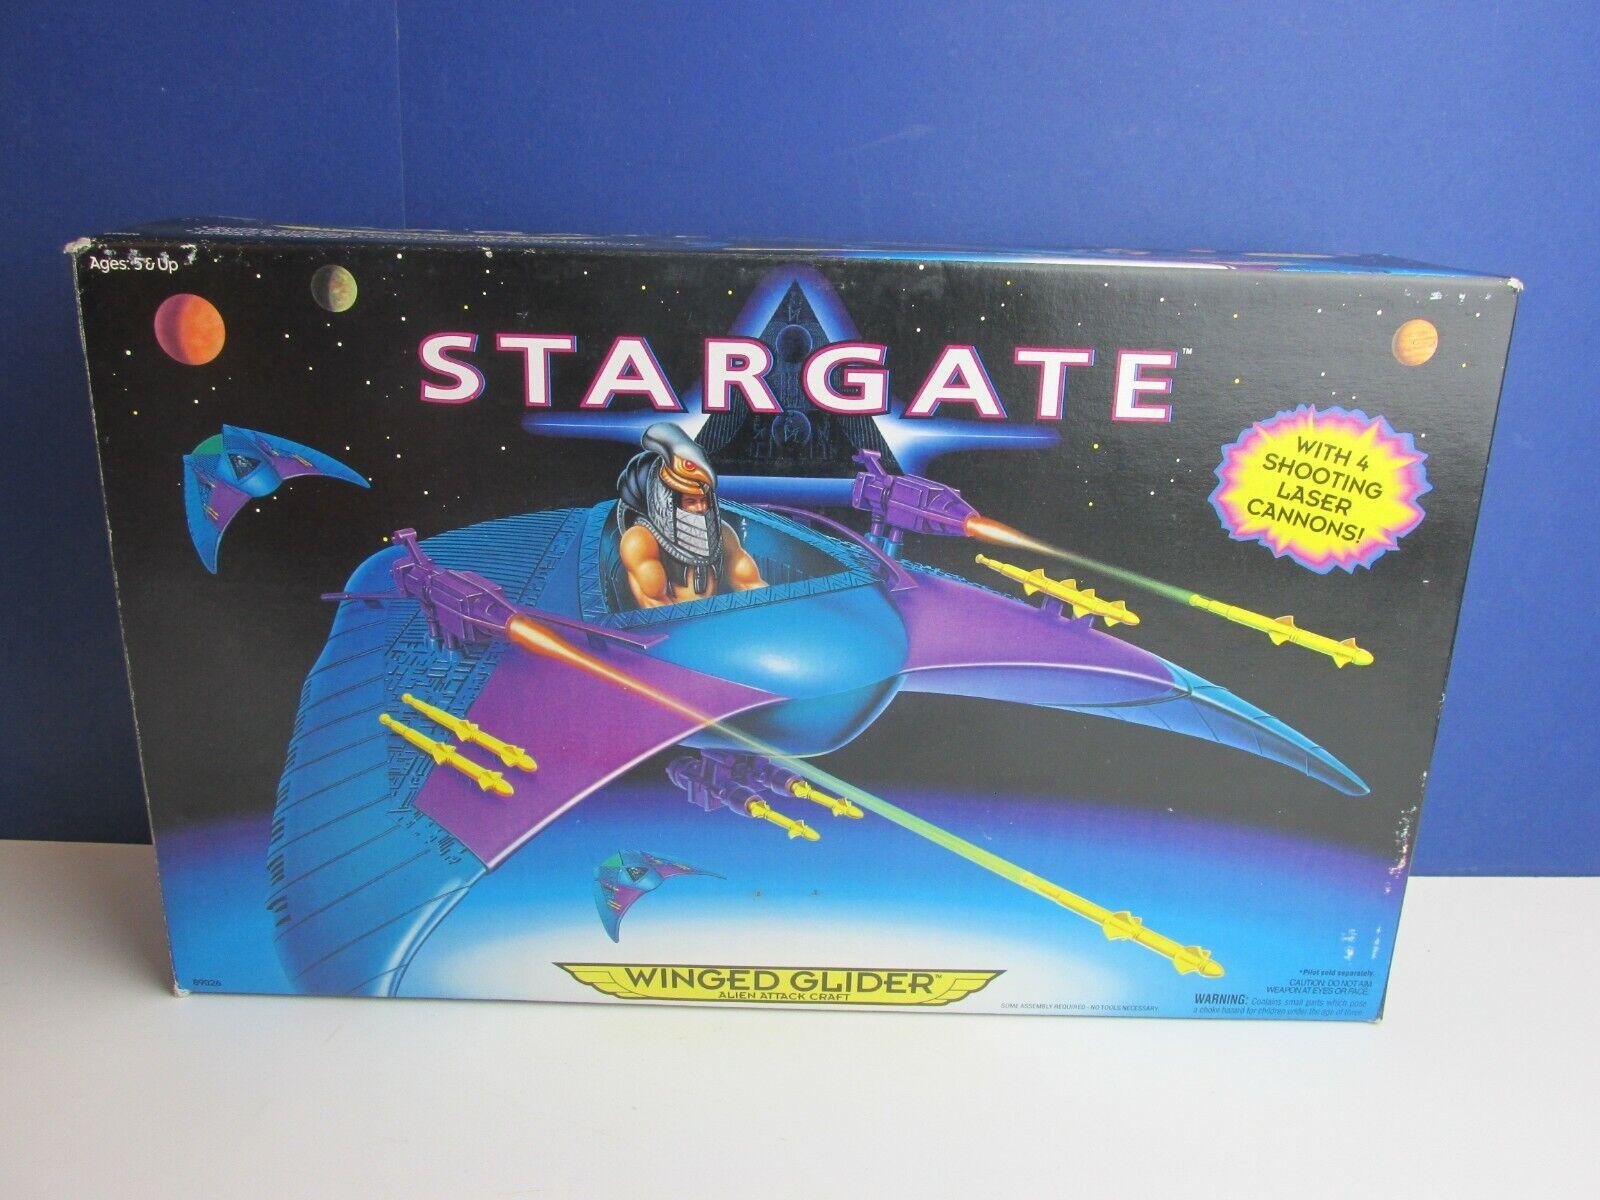 Stargate Film ALATA GLIDER veicolo 1996 VINTAGE COMPLETO IN SCATOLA HASBRO 30U